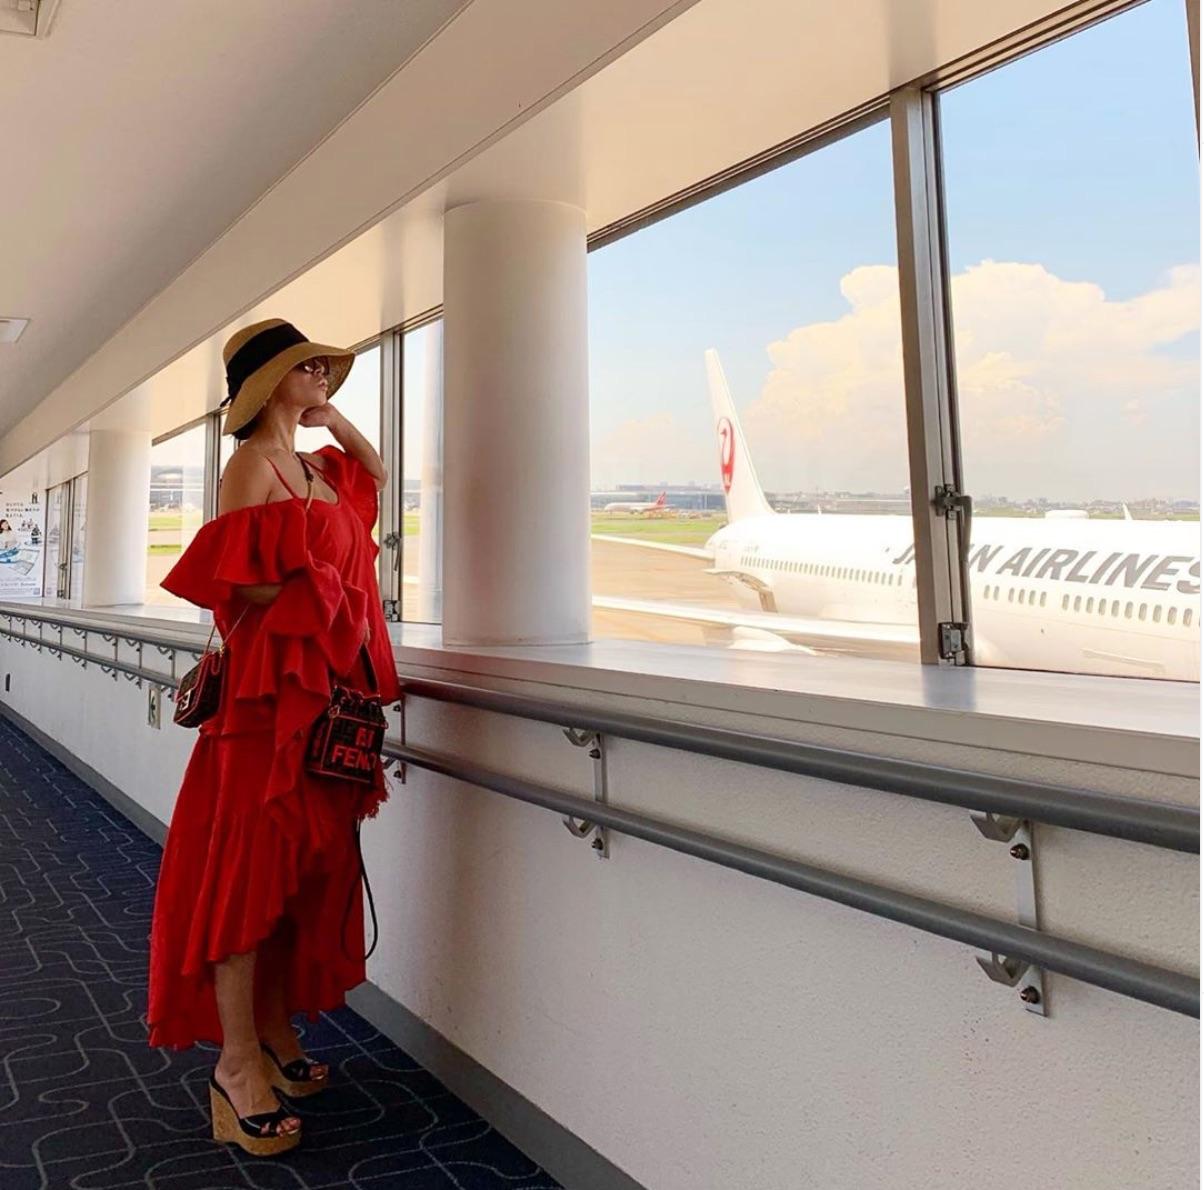 浜崎あゆみ、肩出しドレスの歌唱姿写真公開で「めちゃ可愛い」「素敵ですね」の声